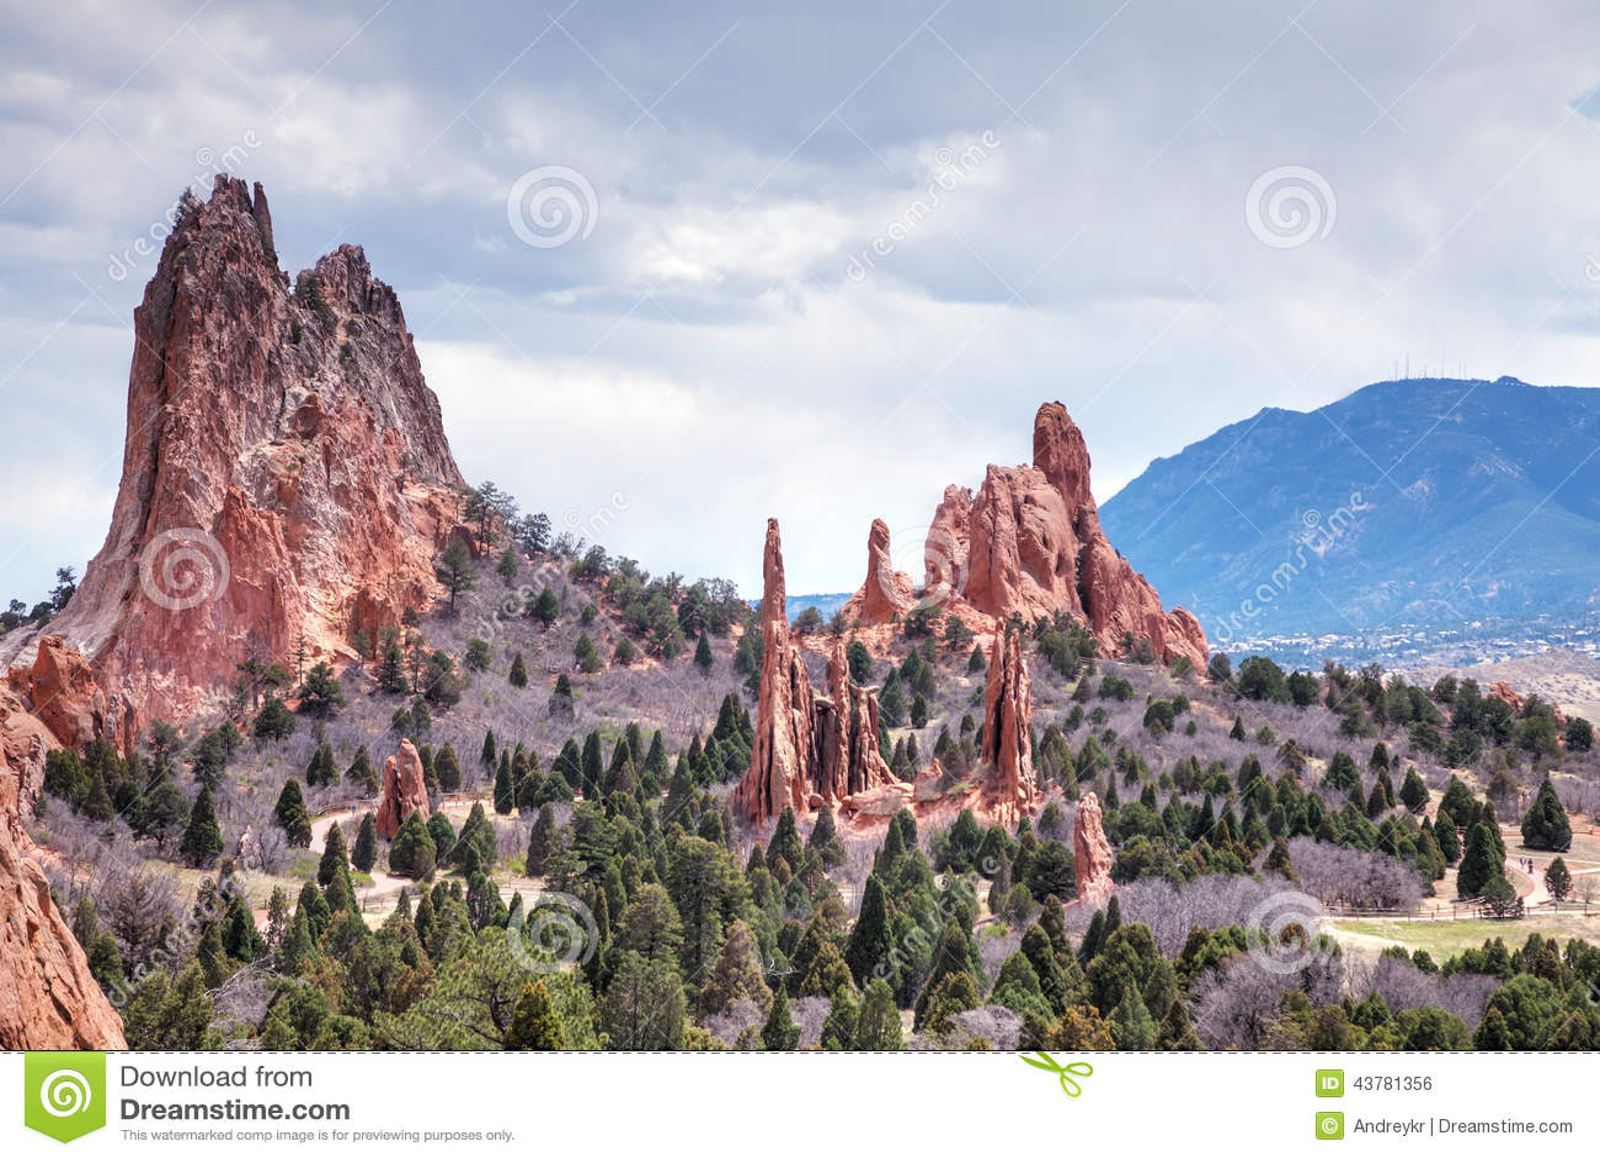 Jardín De Dioses En Colorado Springs Foto de archivo - Imagen de ...